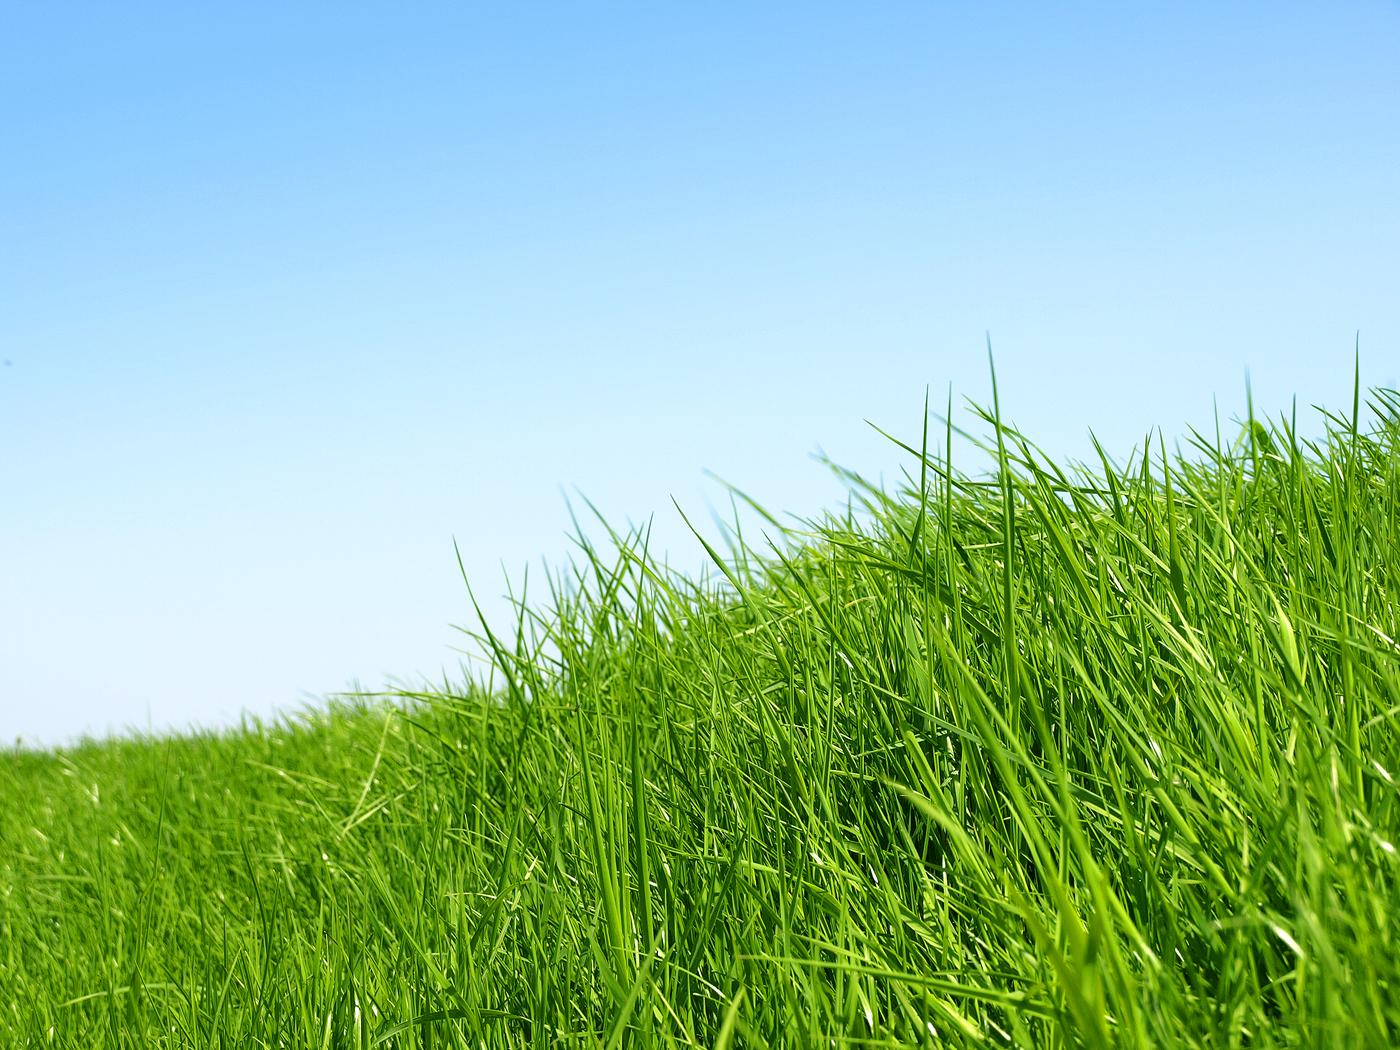 зеленая трава и небо, обои для рабочего стола